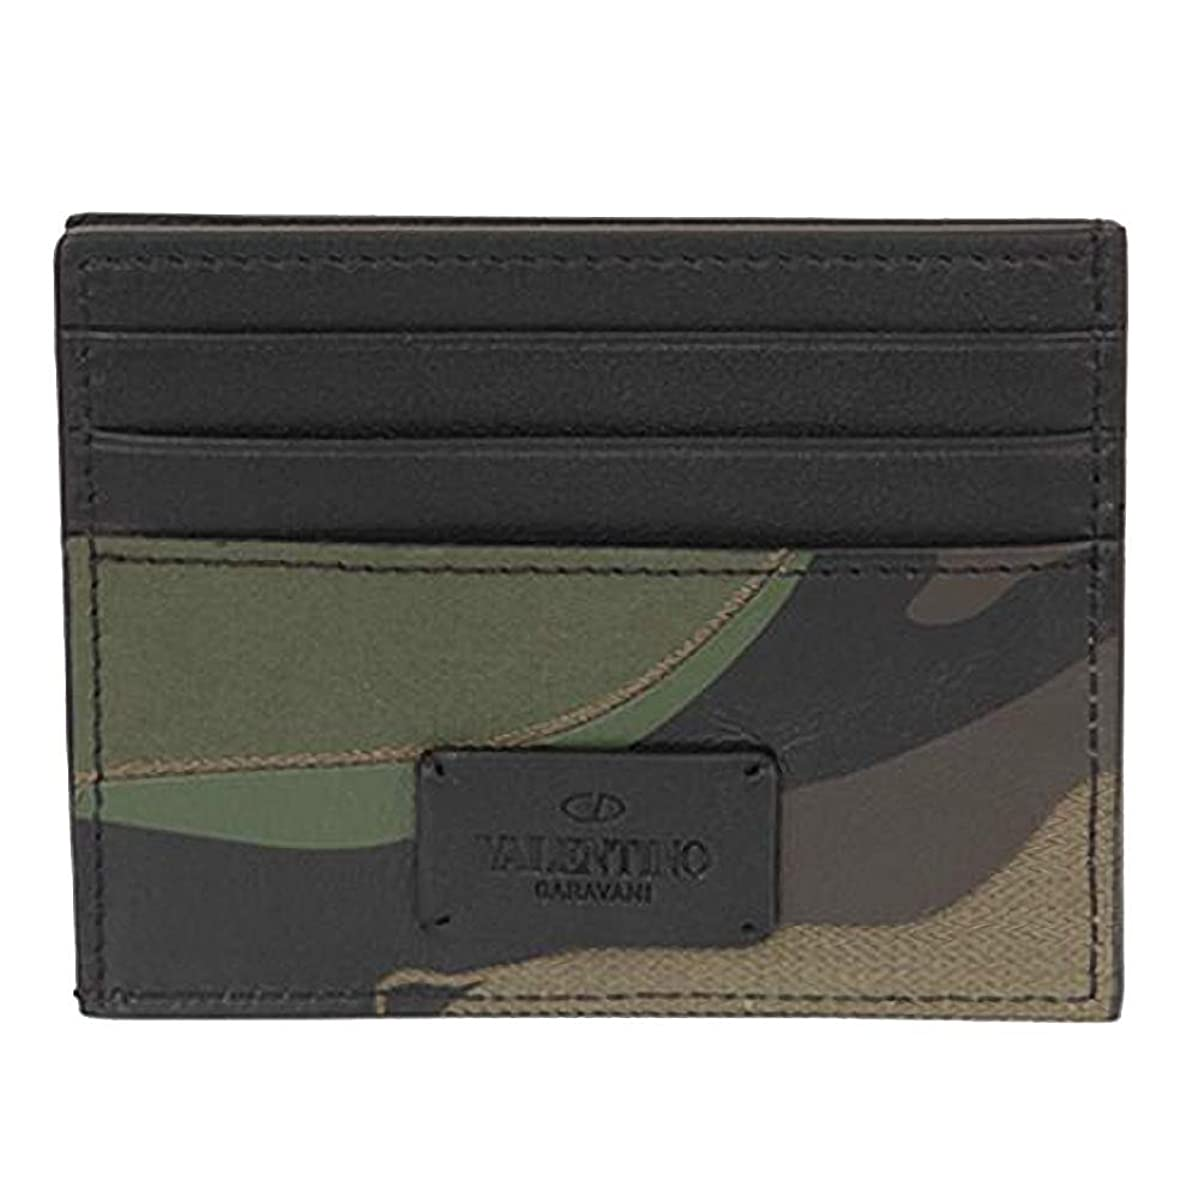 週間敏感な重要な[ヴァレンティノ] [VALENTINO] メンズ レザー カードケース カード財布 名刺入れ カモフラージュ 迷彩 マルチ カーキ系 [並行輸入品]